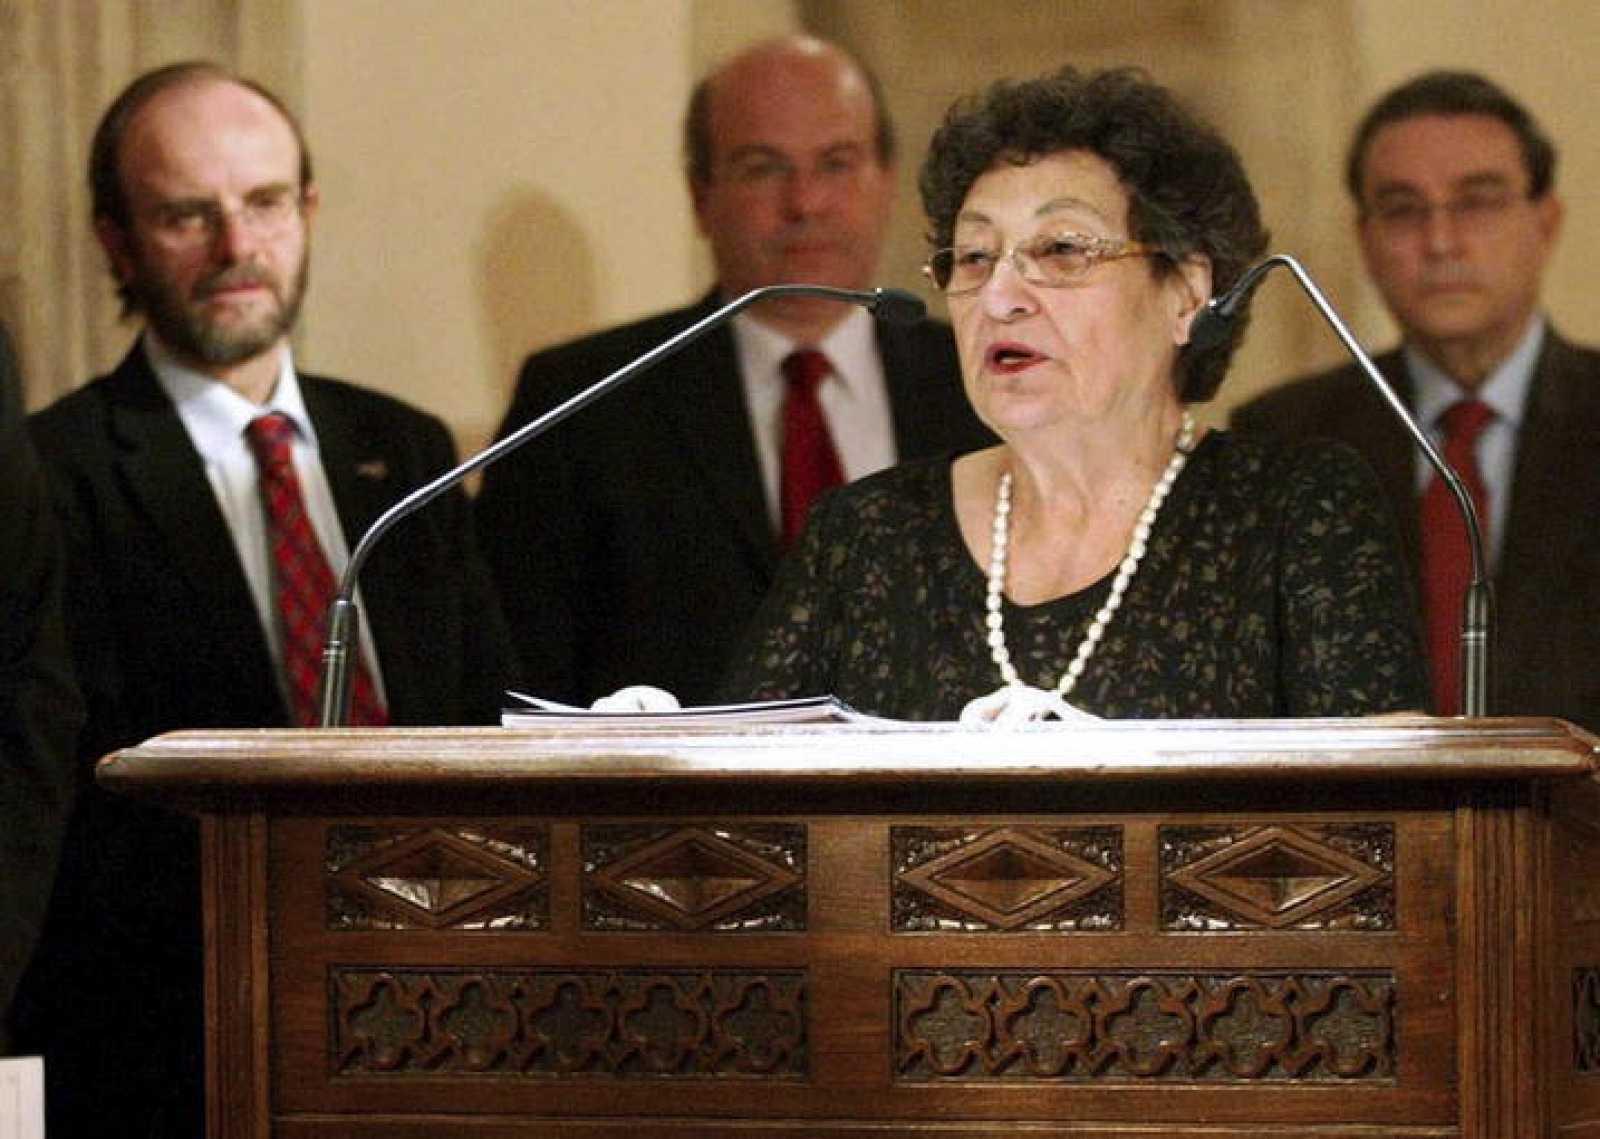 Francisca Aguirre agradeciendo el premio a la mejor obra publicada en 2011. Crédito: web rtve.es/noticia